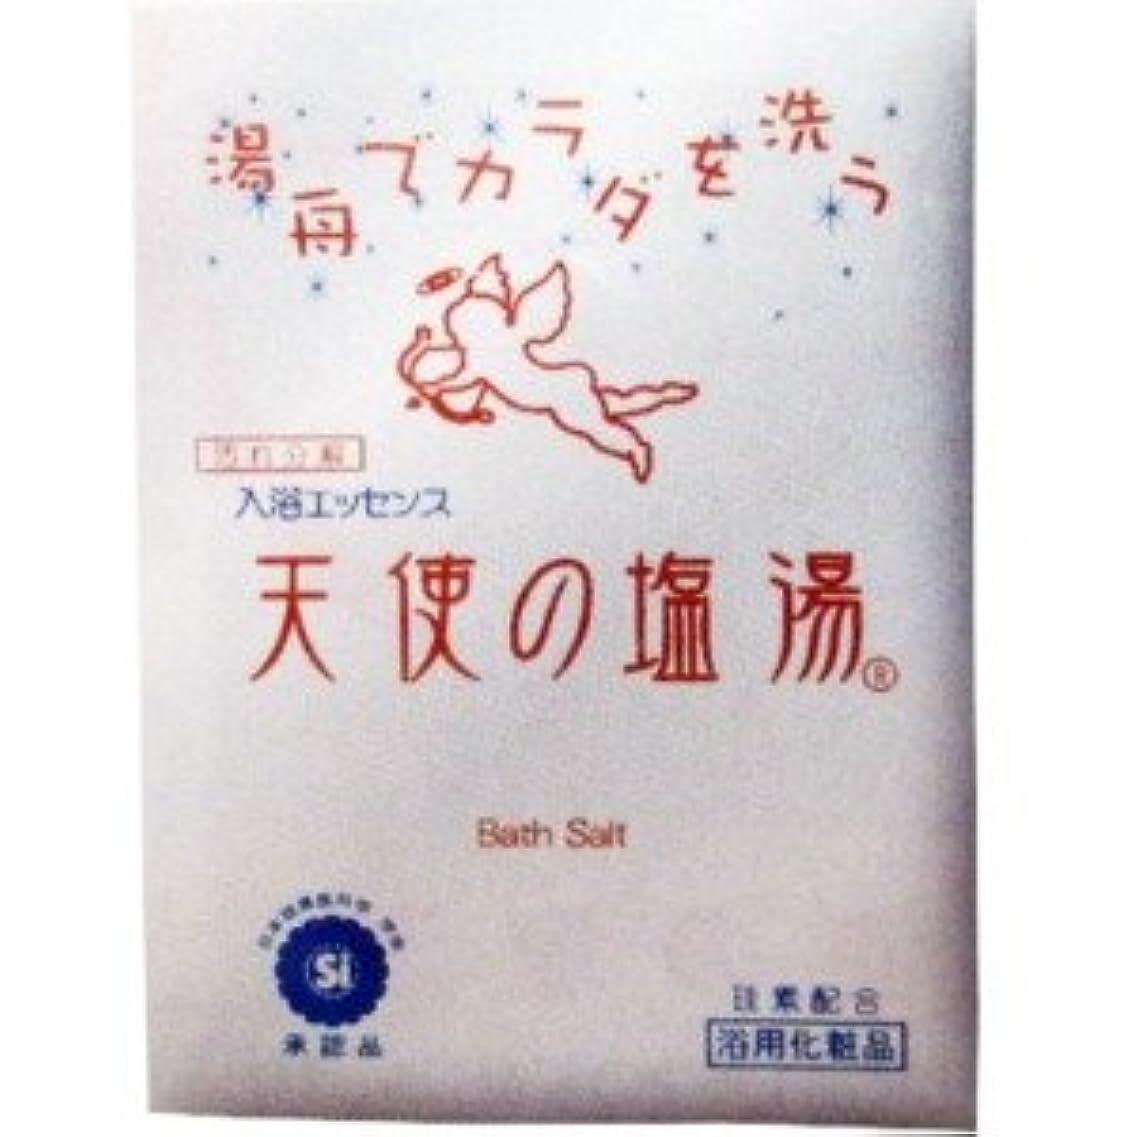 反映する打撃こだわり【日本製】入浴エッセンス天使の塩湯